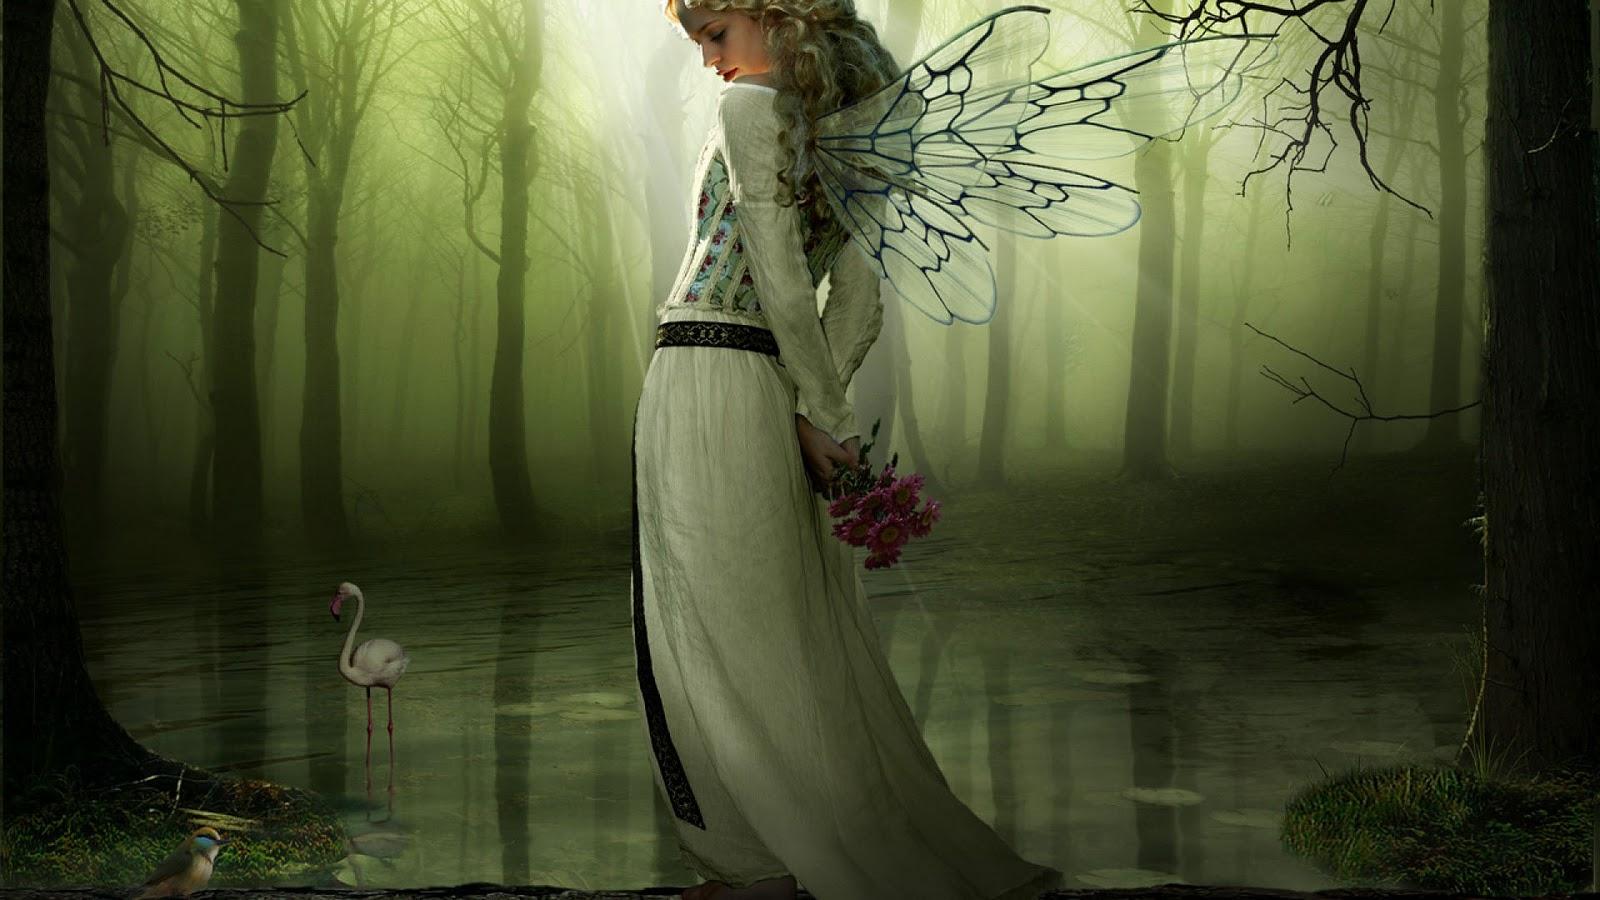 Best desktop pictures angel wallpapers hd angel wallpaper image 11jpg 1600x900